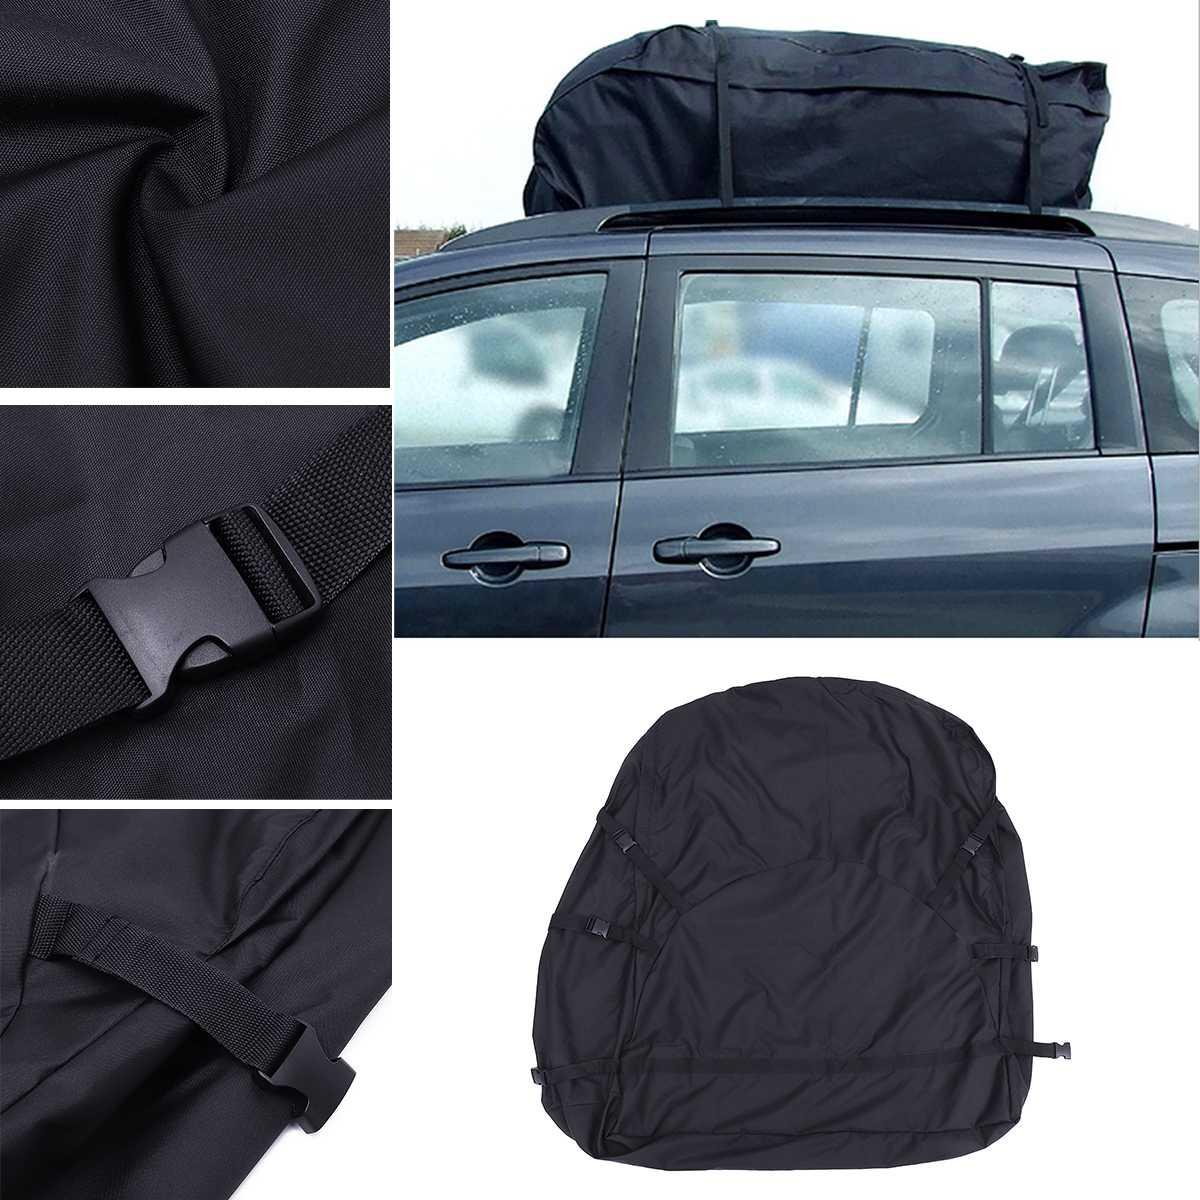 130X100X45 cm sac de toit de voiture sac de toit supérieur porte-bagages transporteur de bagages voyage étanche Touring SUV Van pour les voitures - 4